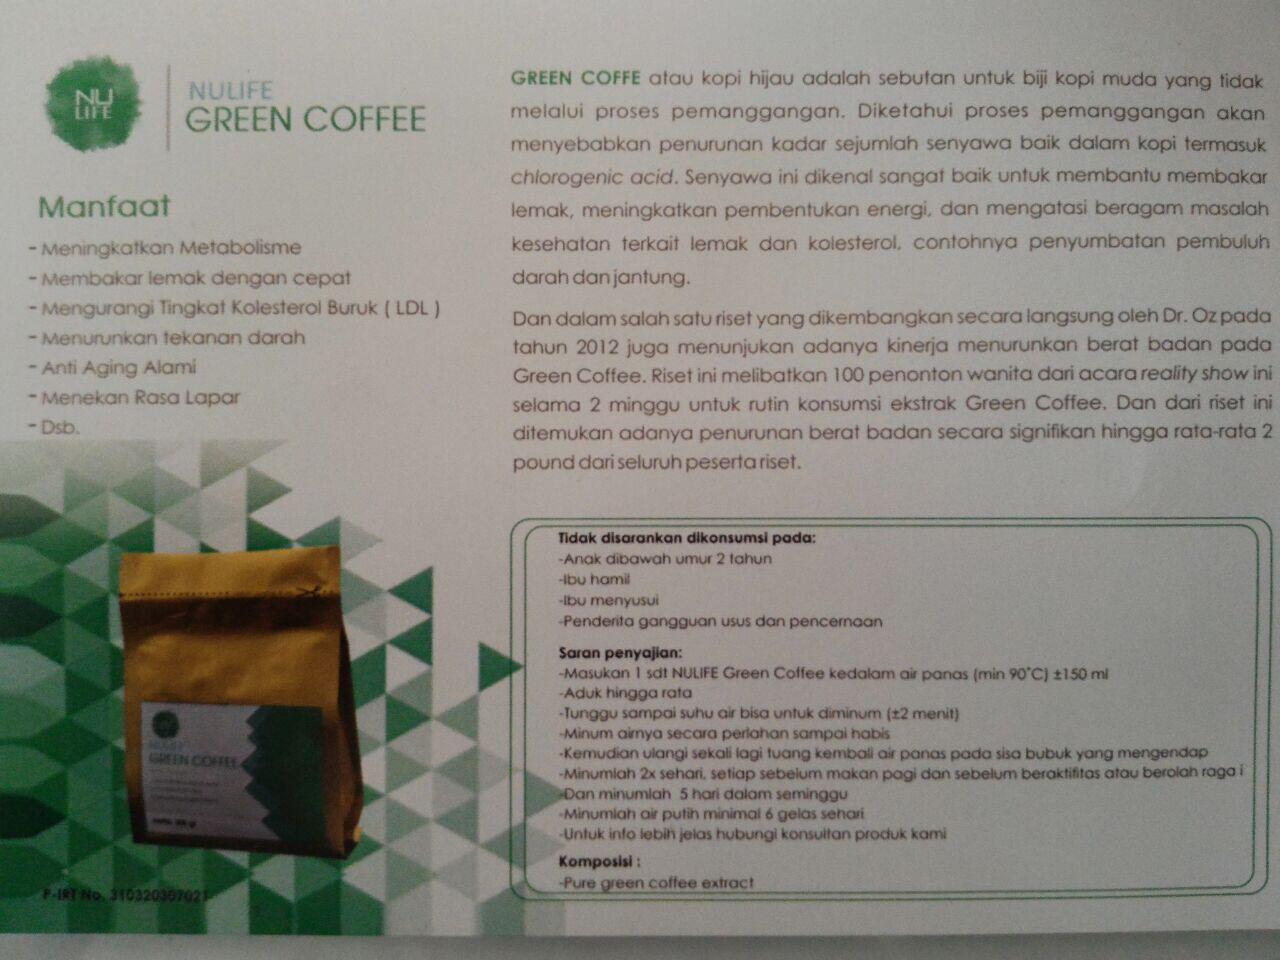 Mlm Terbaru Nulife Indonesia Modal Receh Bonus Gede Banget Lock Green Coffee Posisi Anda